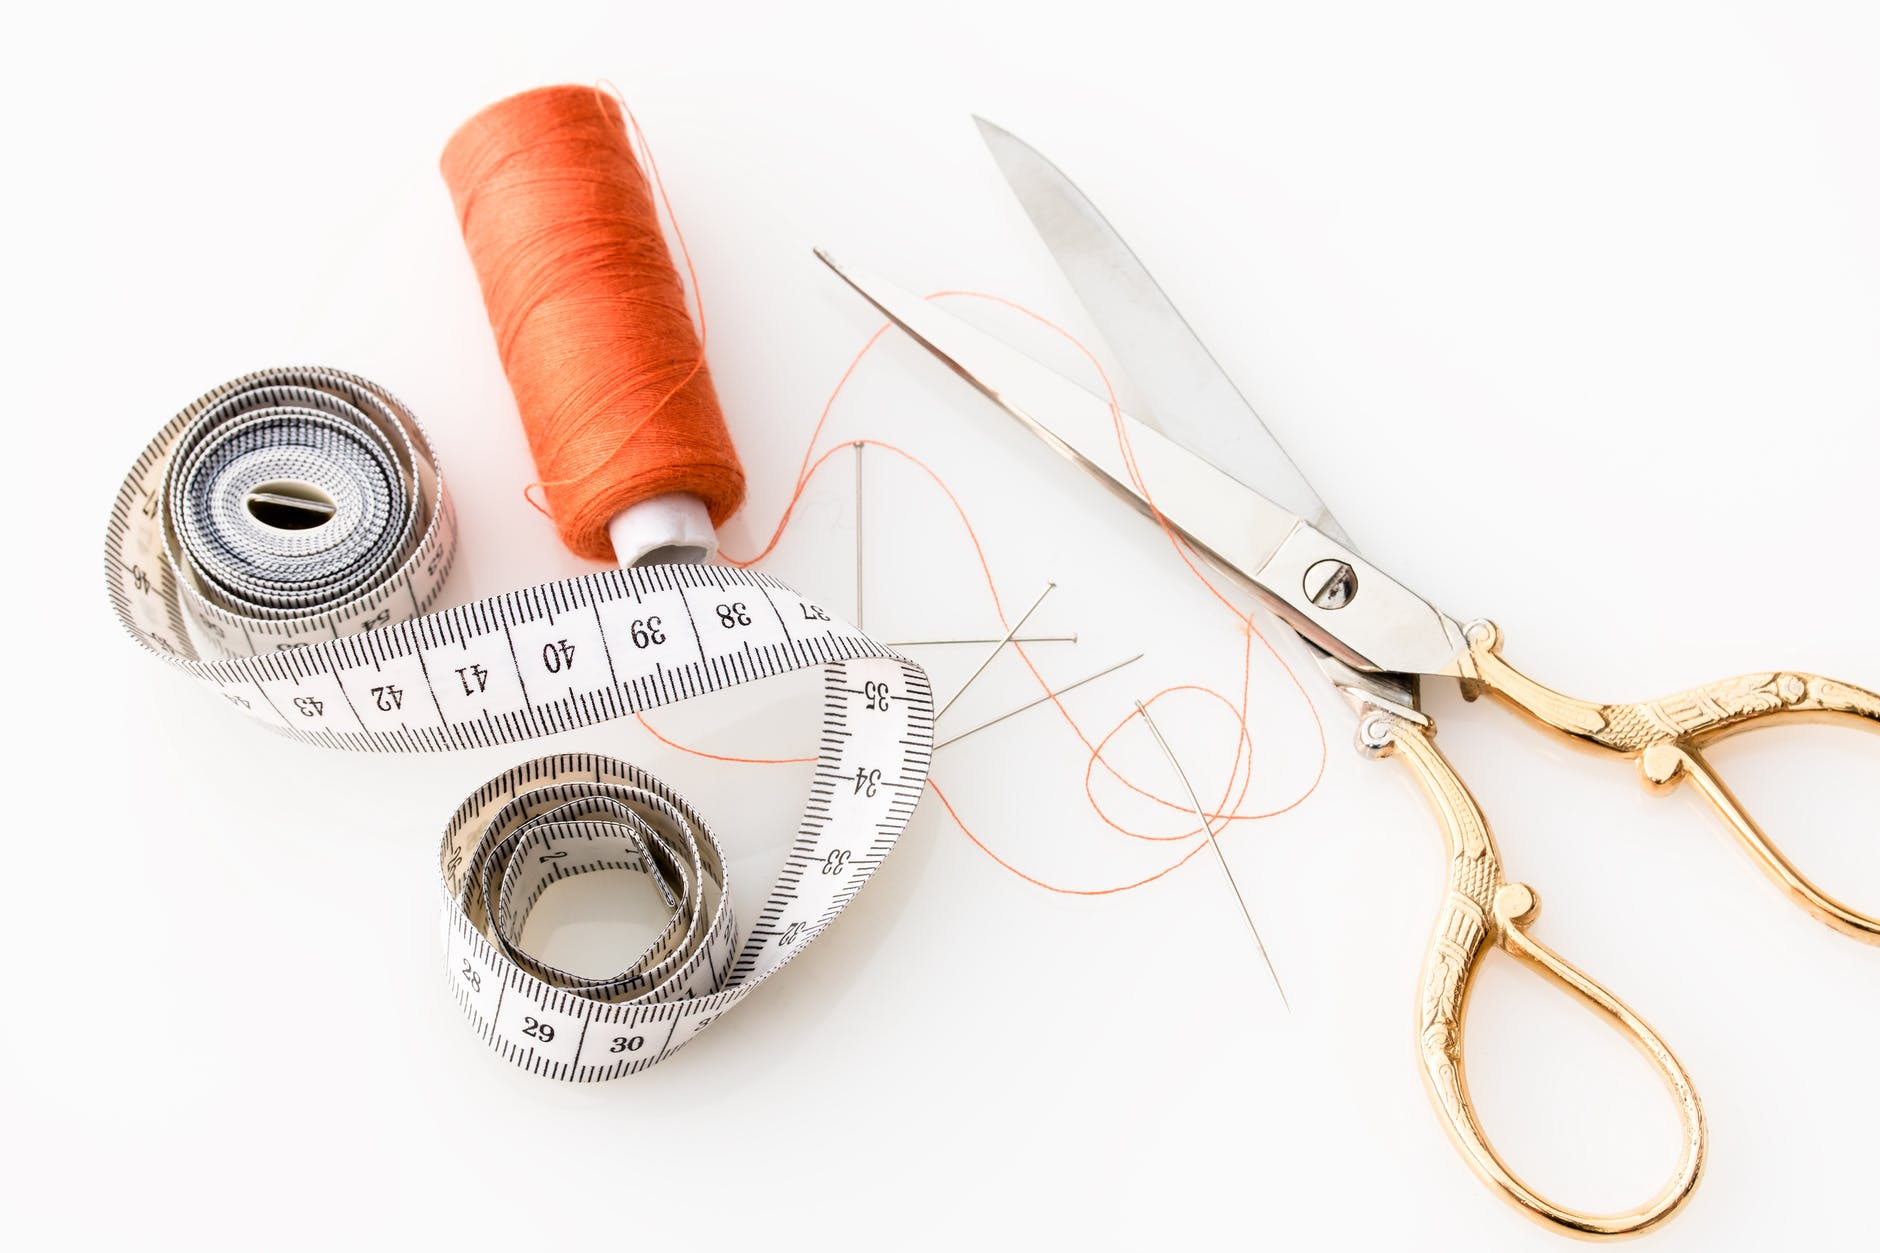 scissors, measuring tape, thread